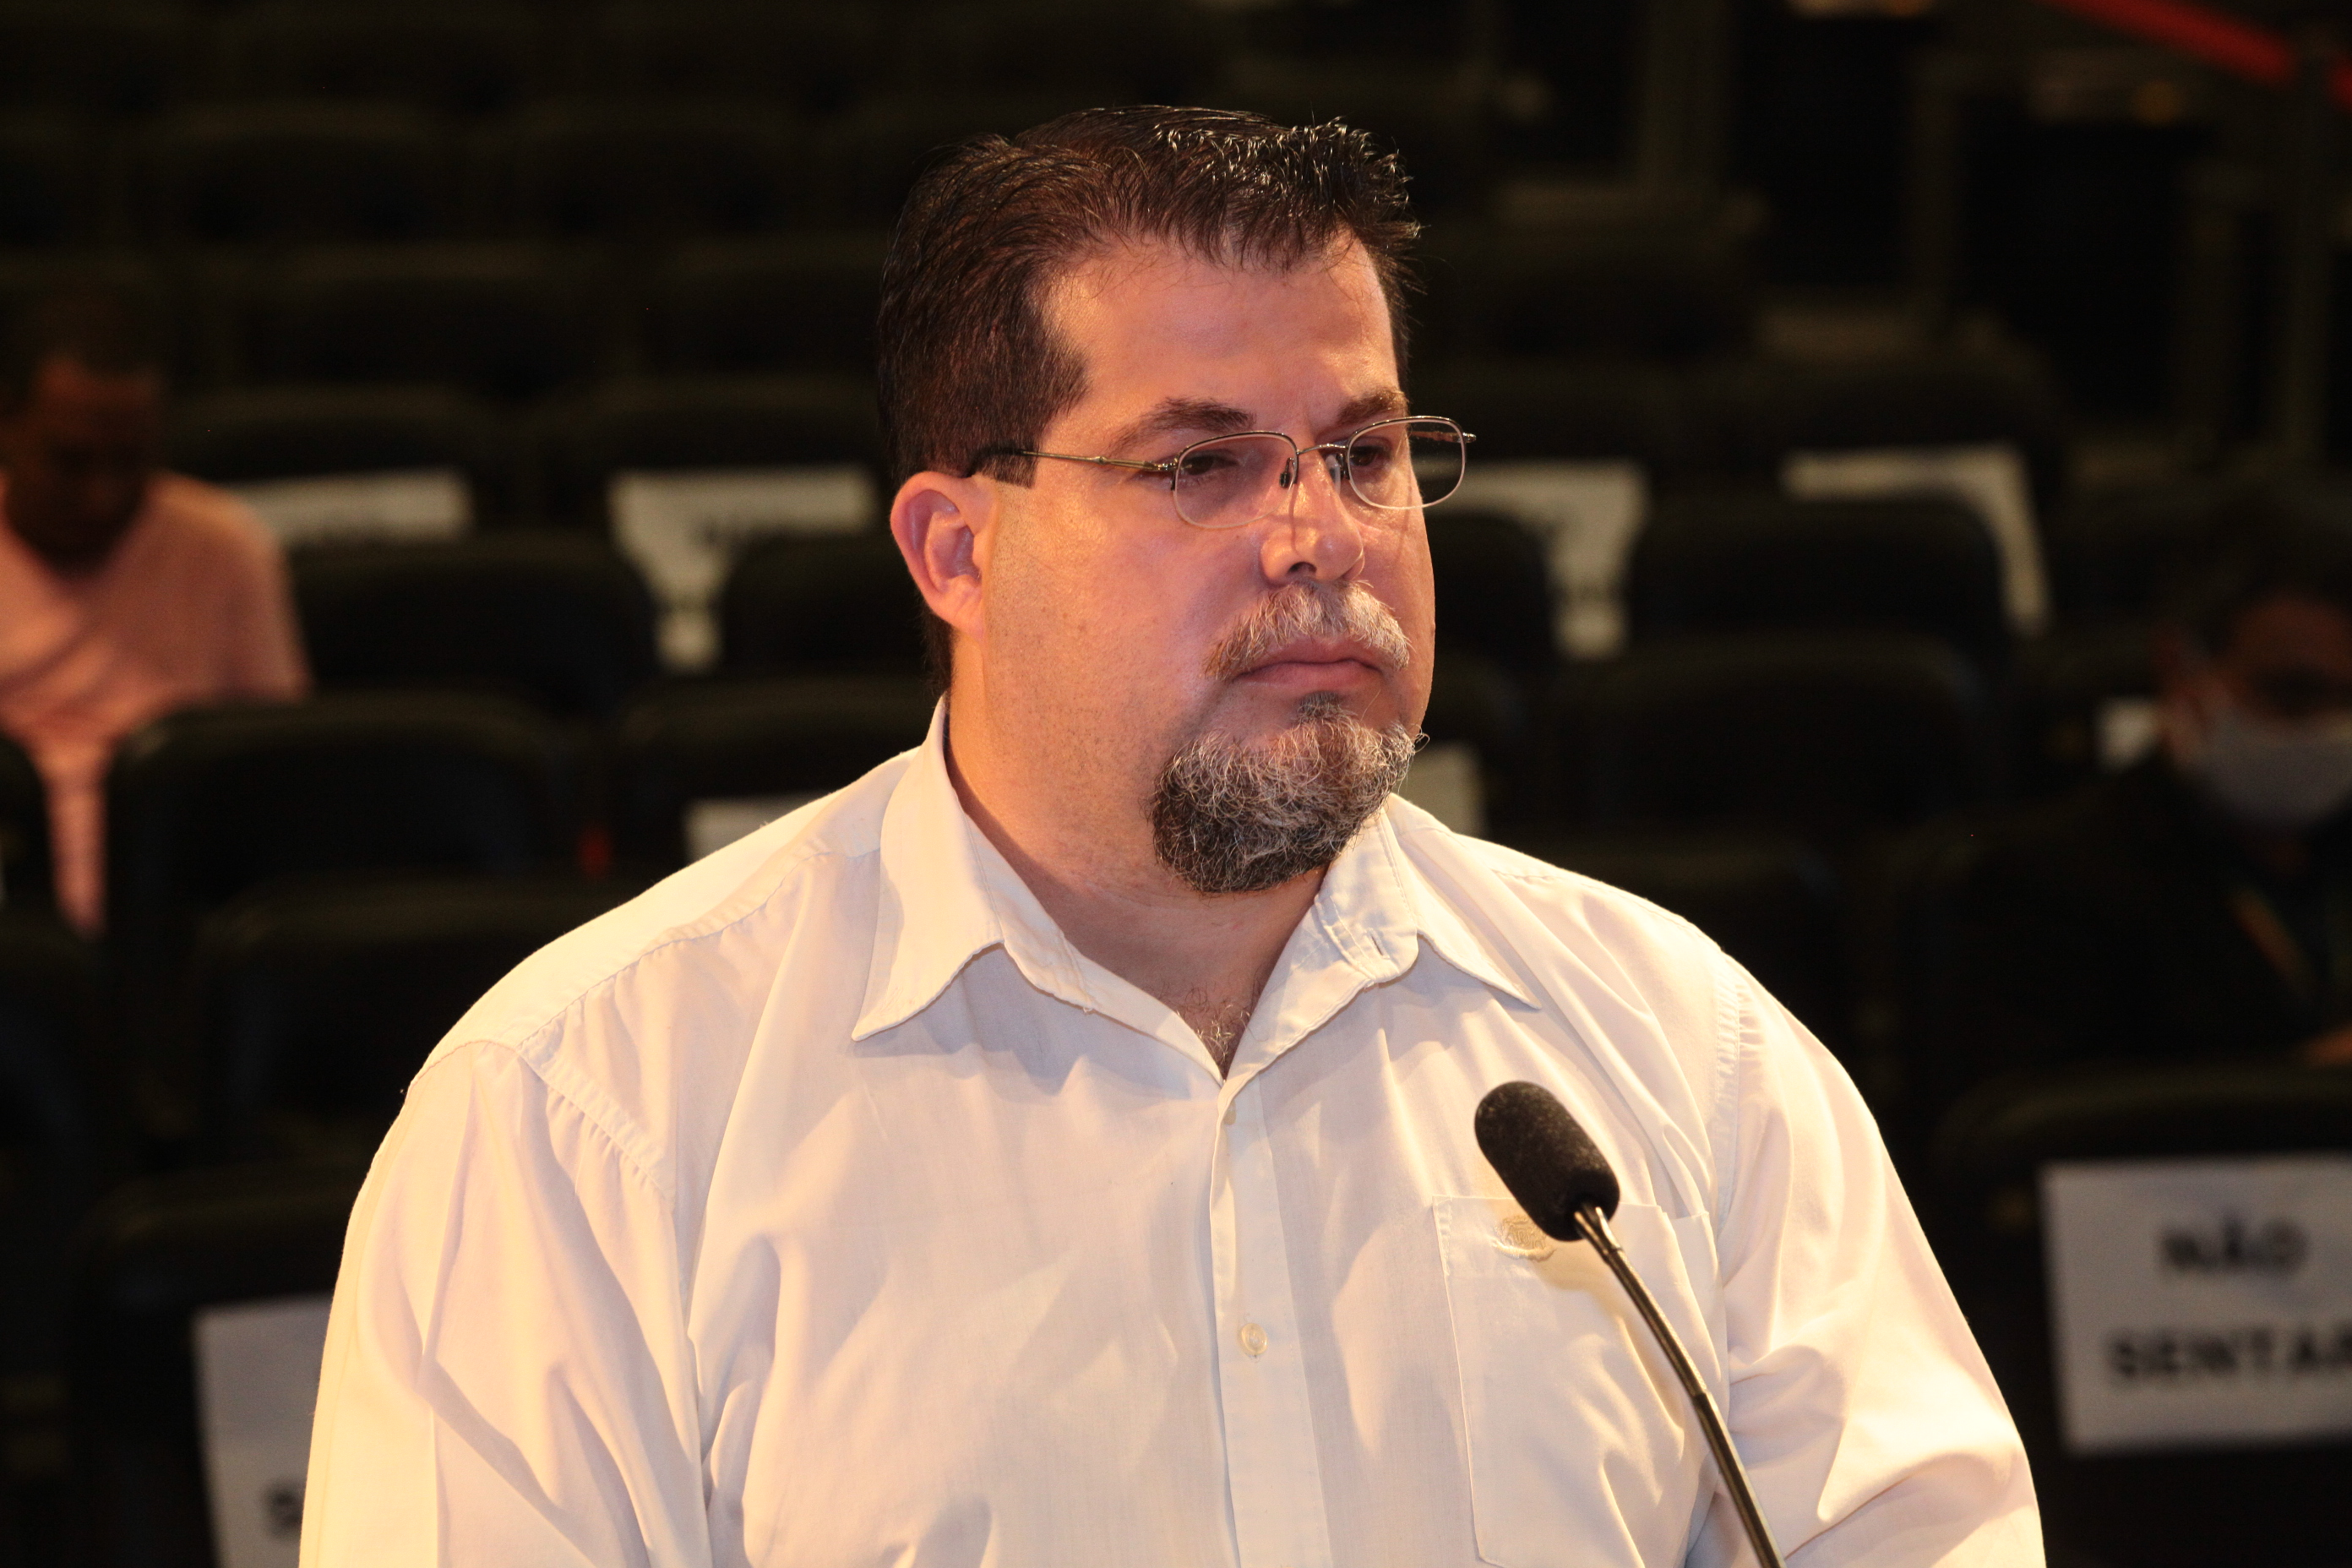 Wagner Tadeu Martins Queiroz, engenheiro eletricista que atua no núcleo de engenharia da SES